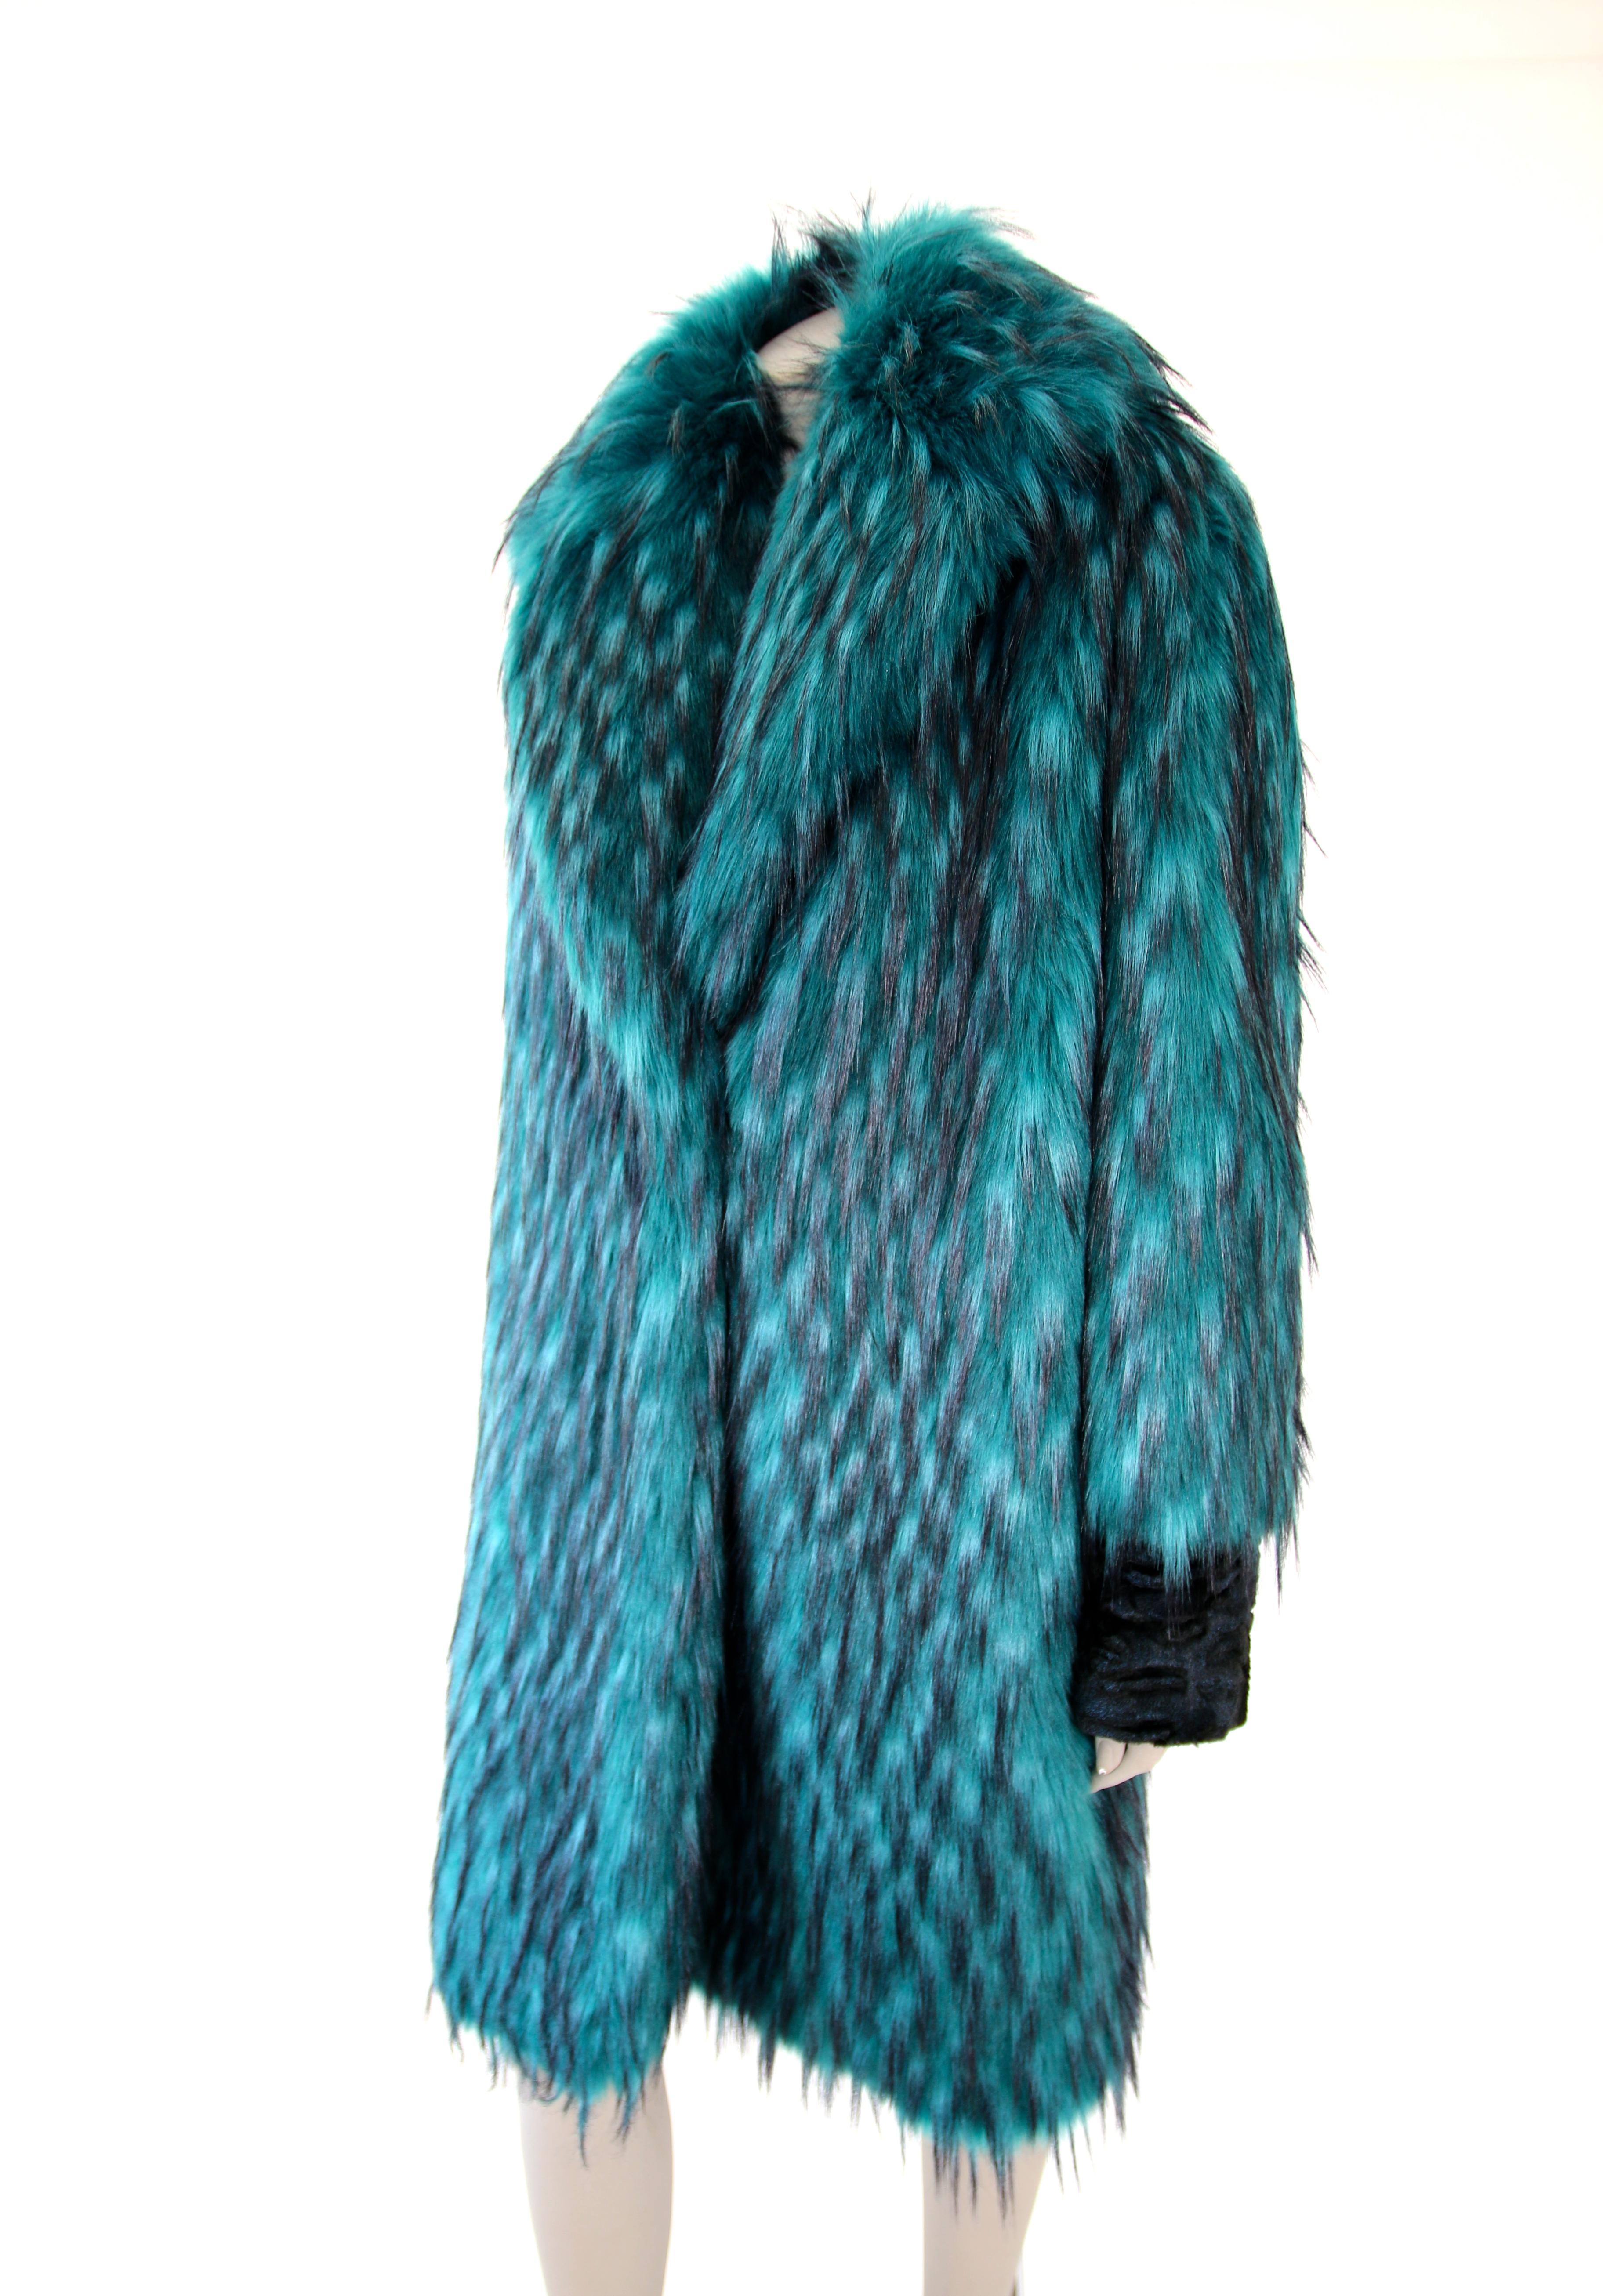 Emerald green faux fur coat,Shaggy